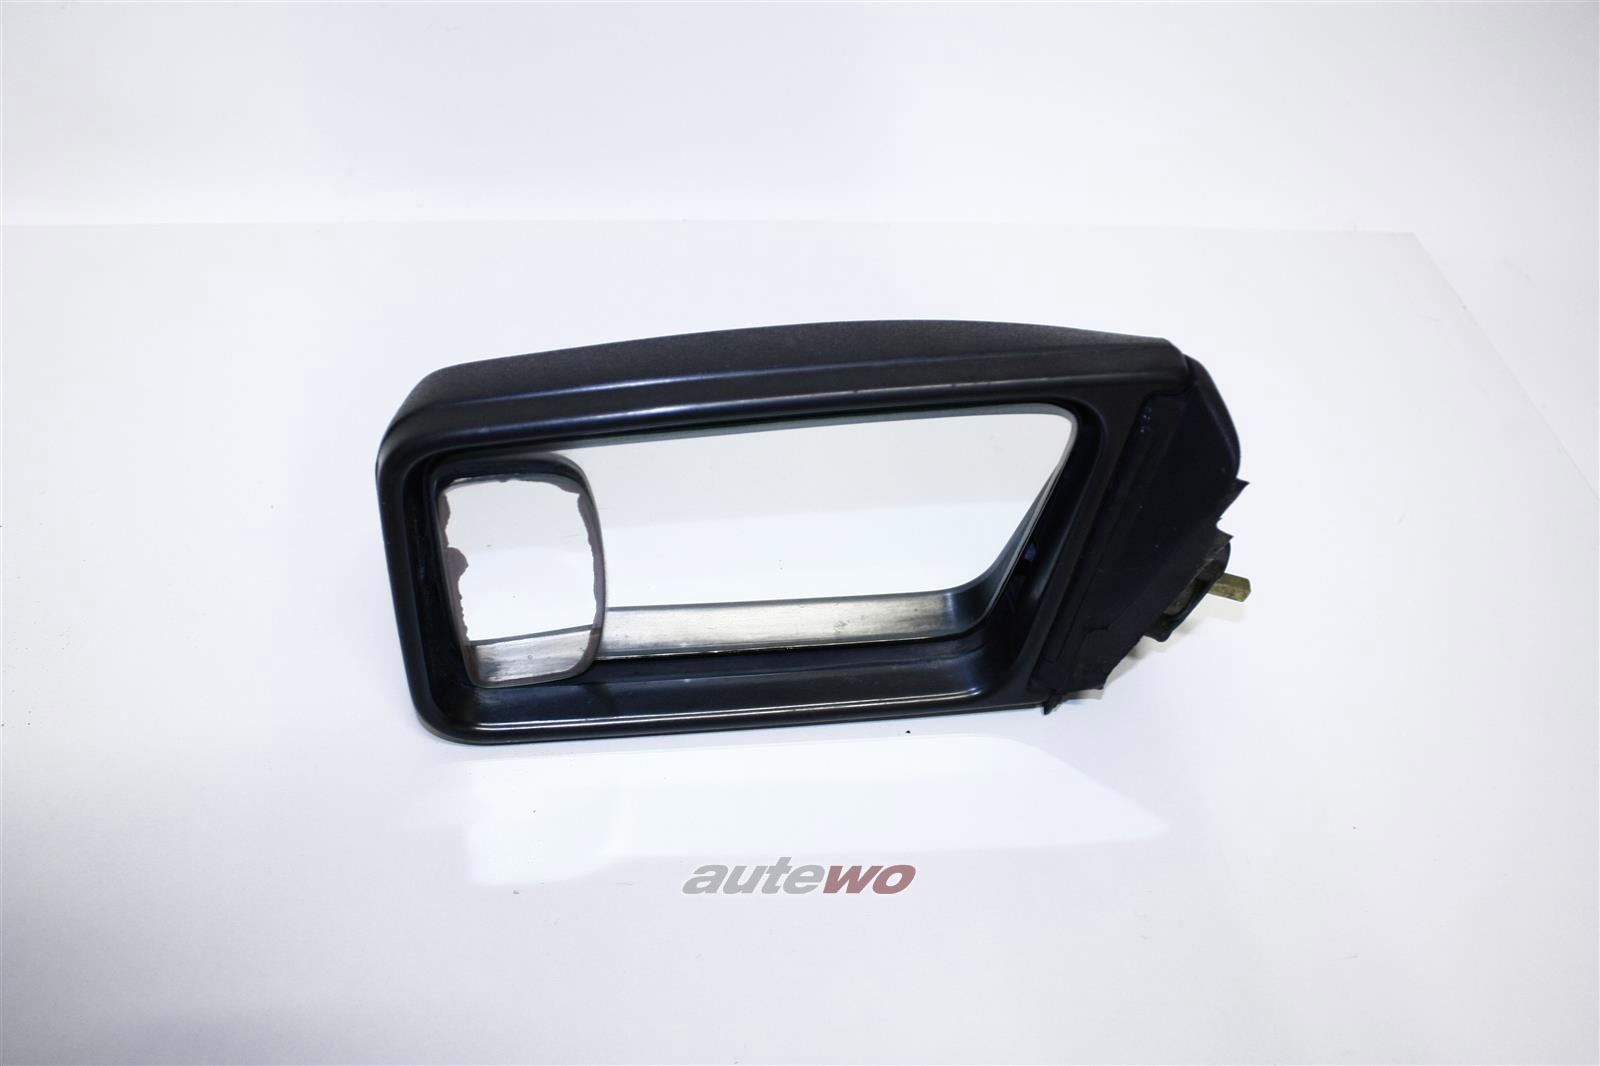 Audi 80/90 Typ 81/85 Außenspiegel manuell verstellbar Links 811857501G